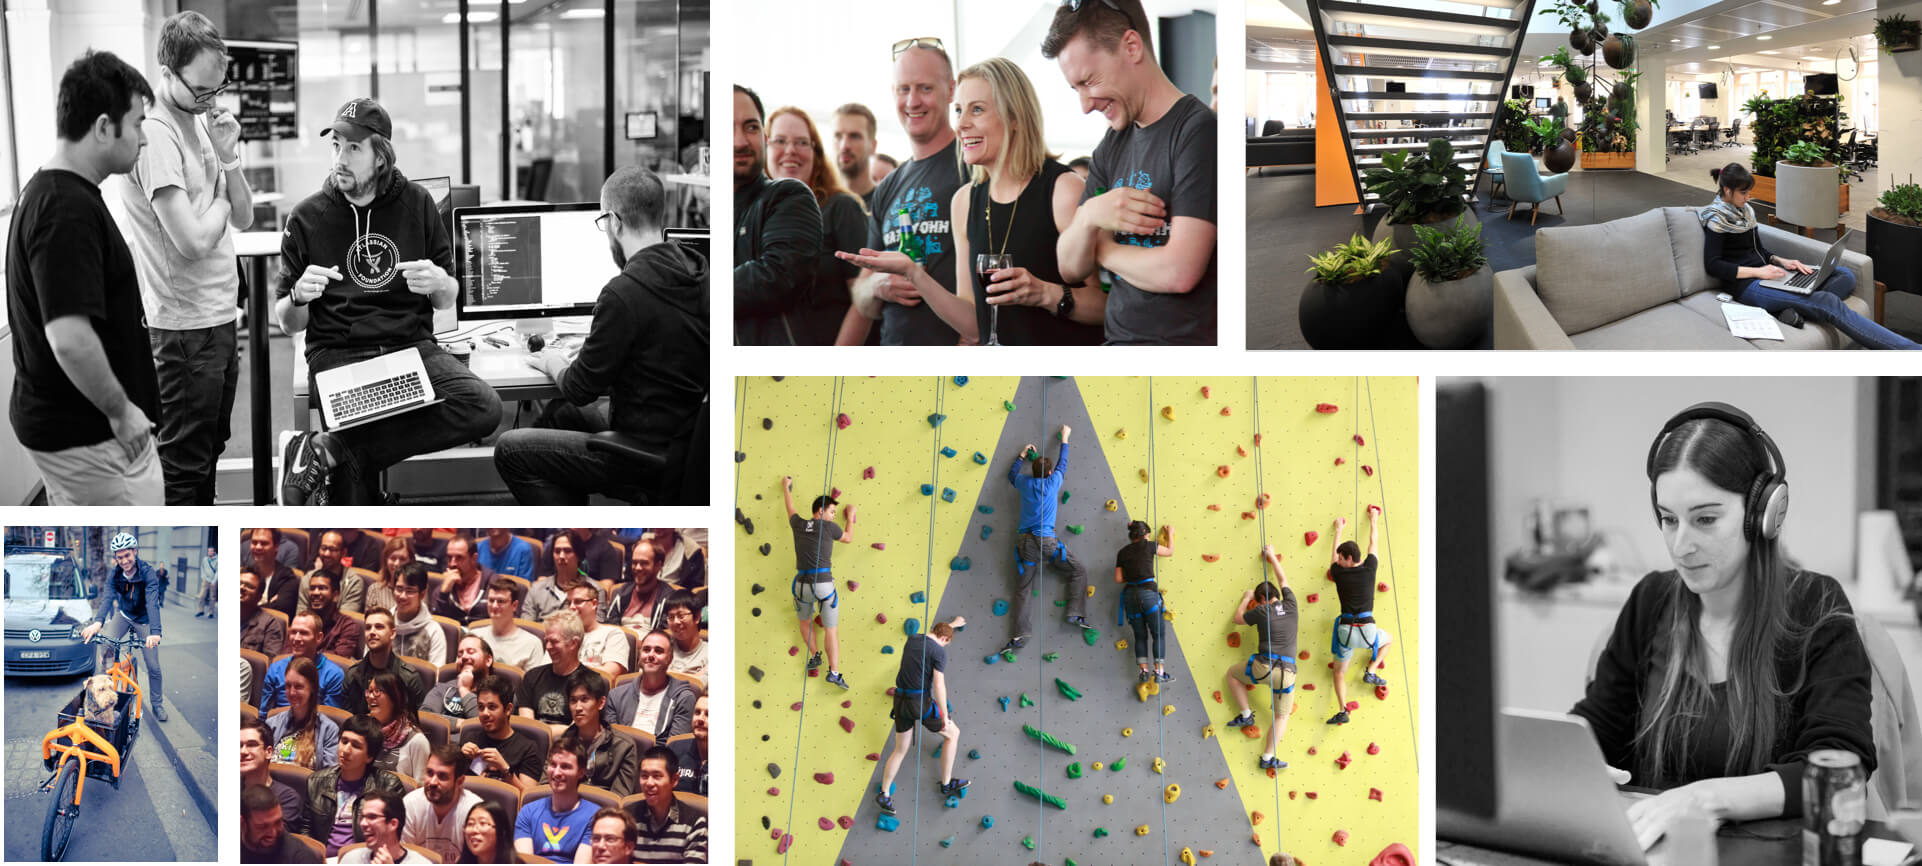 Montagem de fotos dos funcionários da Atlassian